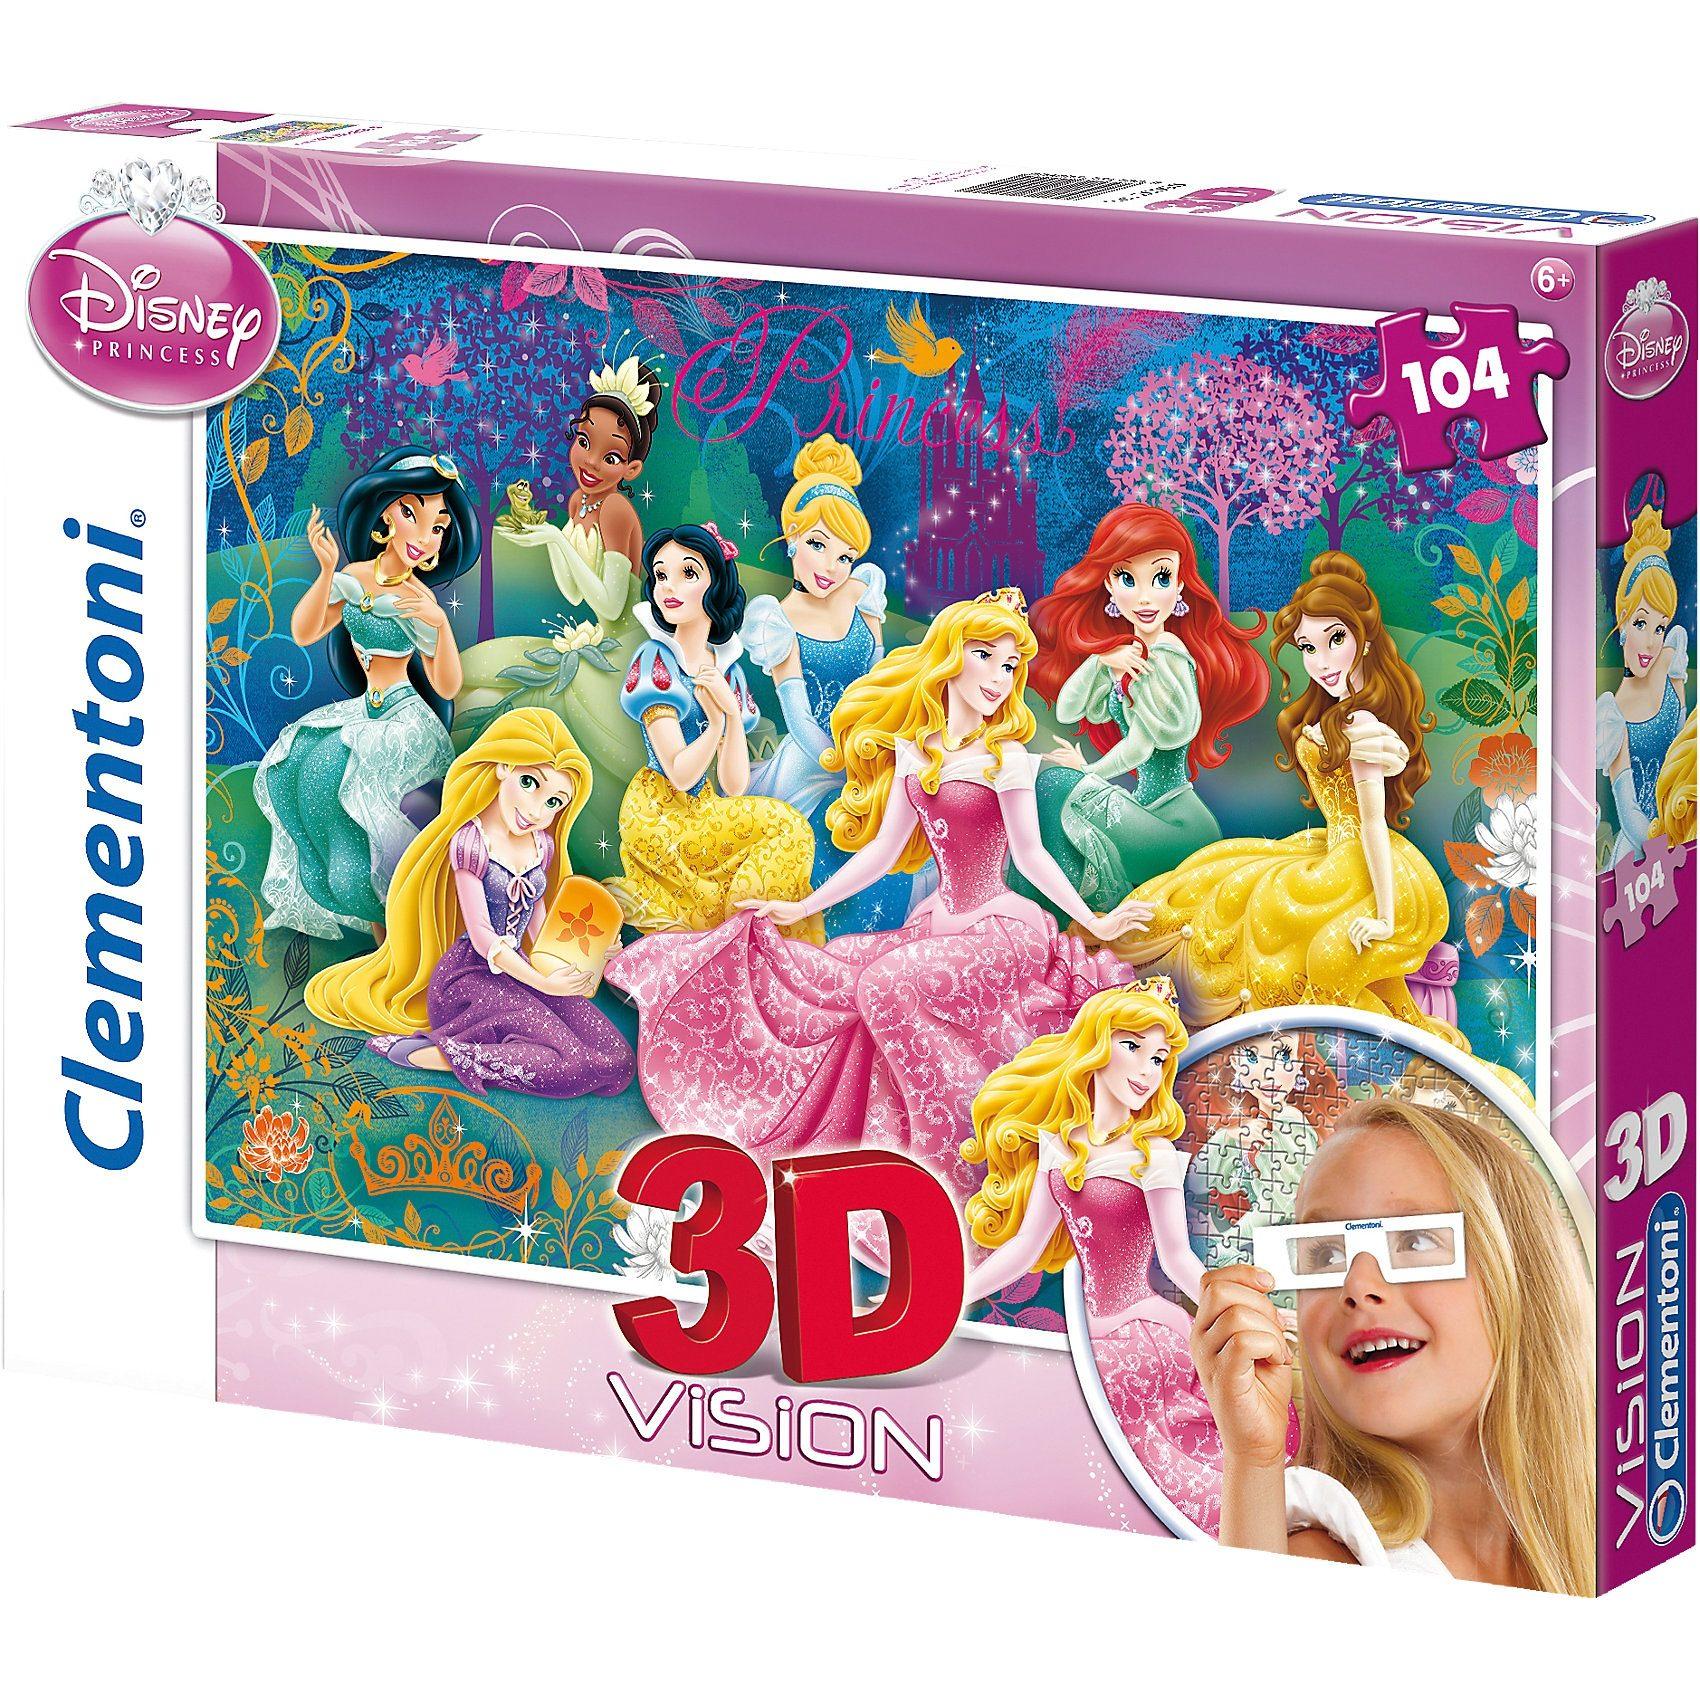 Clementoni Puzzle 3D Vision 104 Teile - Disney Princess